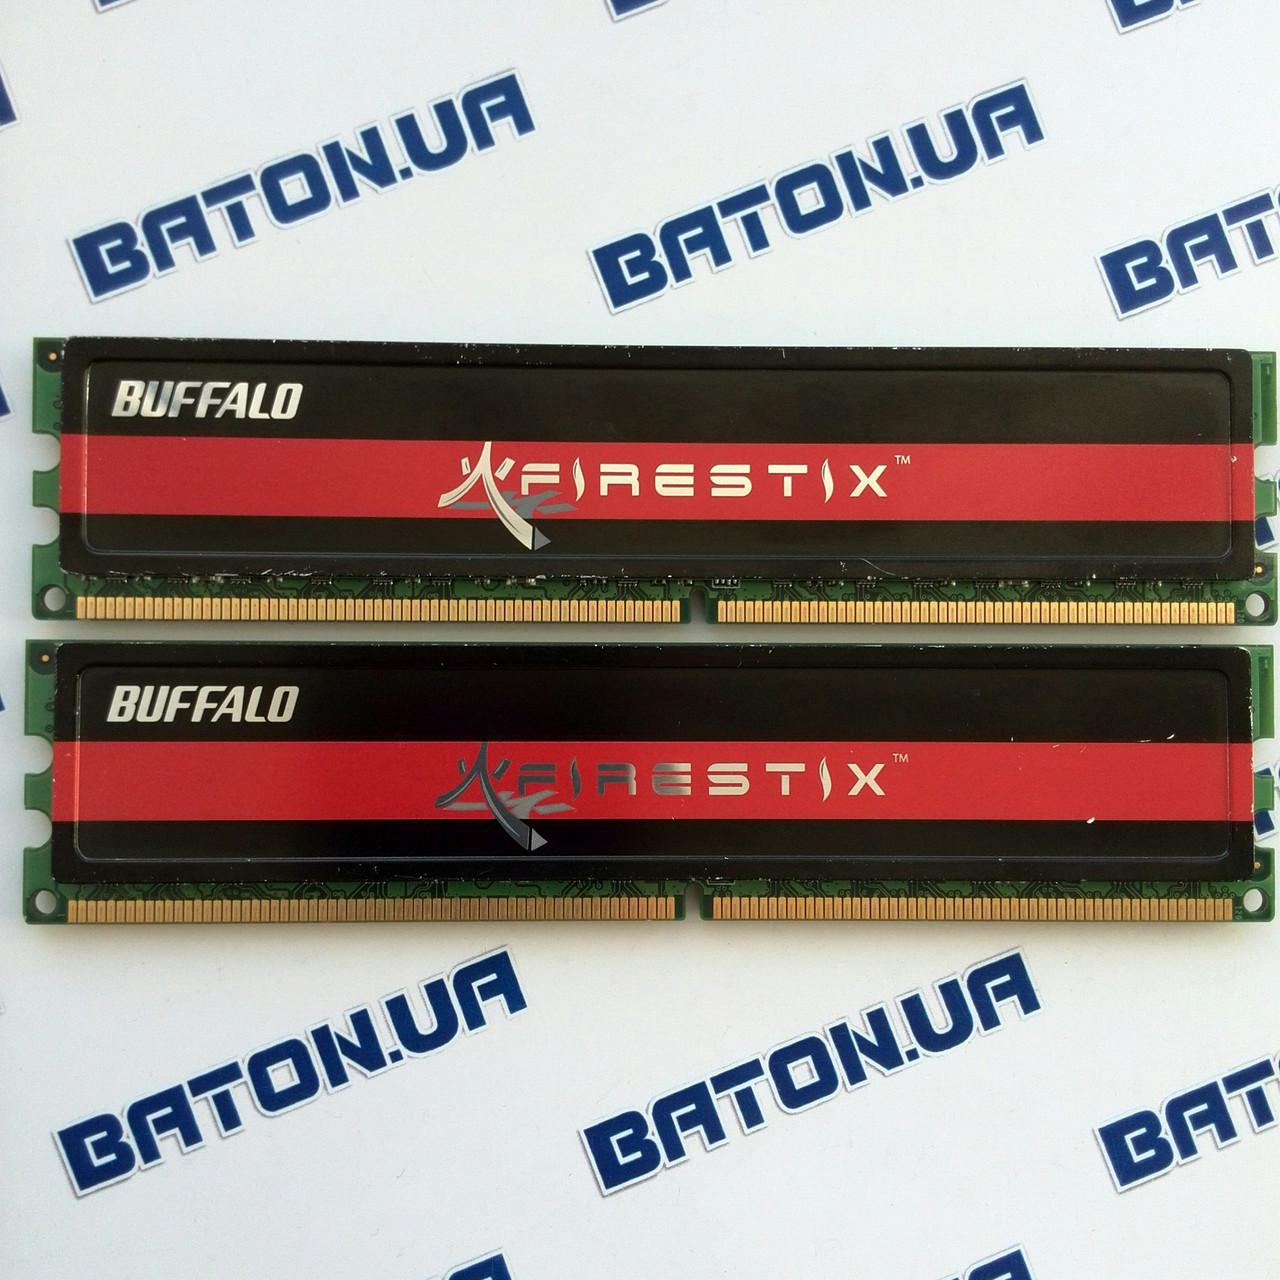 Игровая оперативная память Buffalo DDR2 2Gb+2Gb 800MHz PC2 6400U CL4 (FSH800D2B-2G)